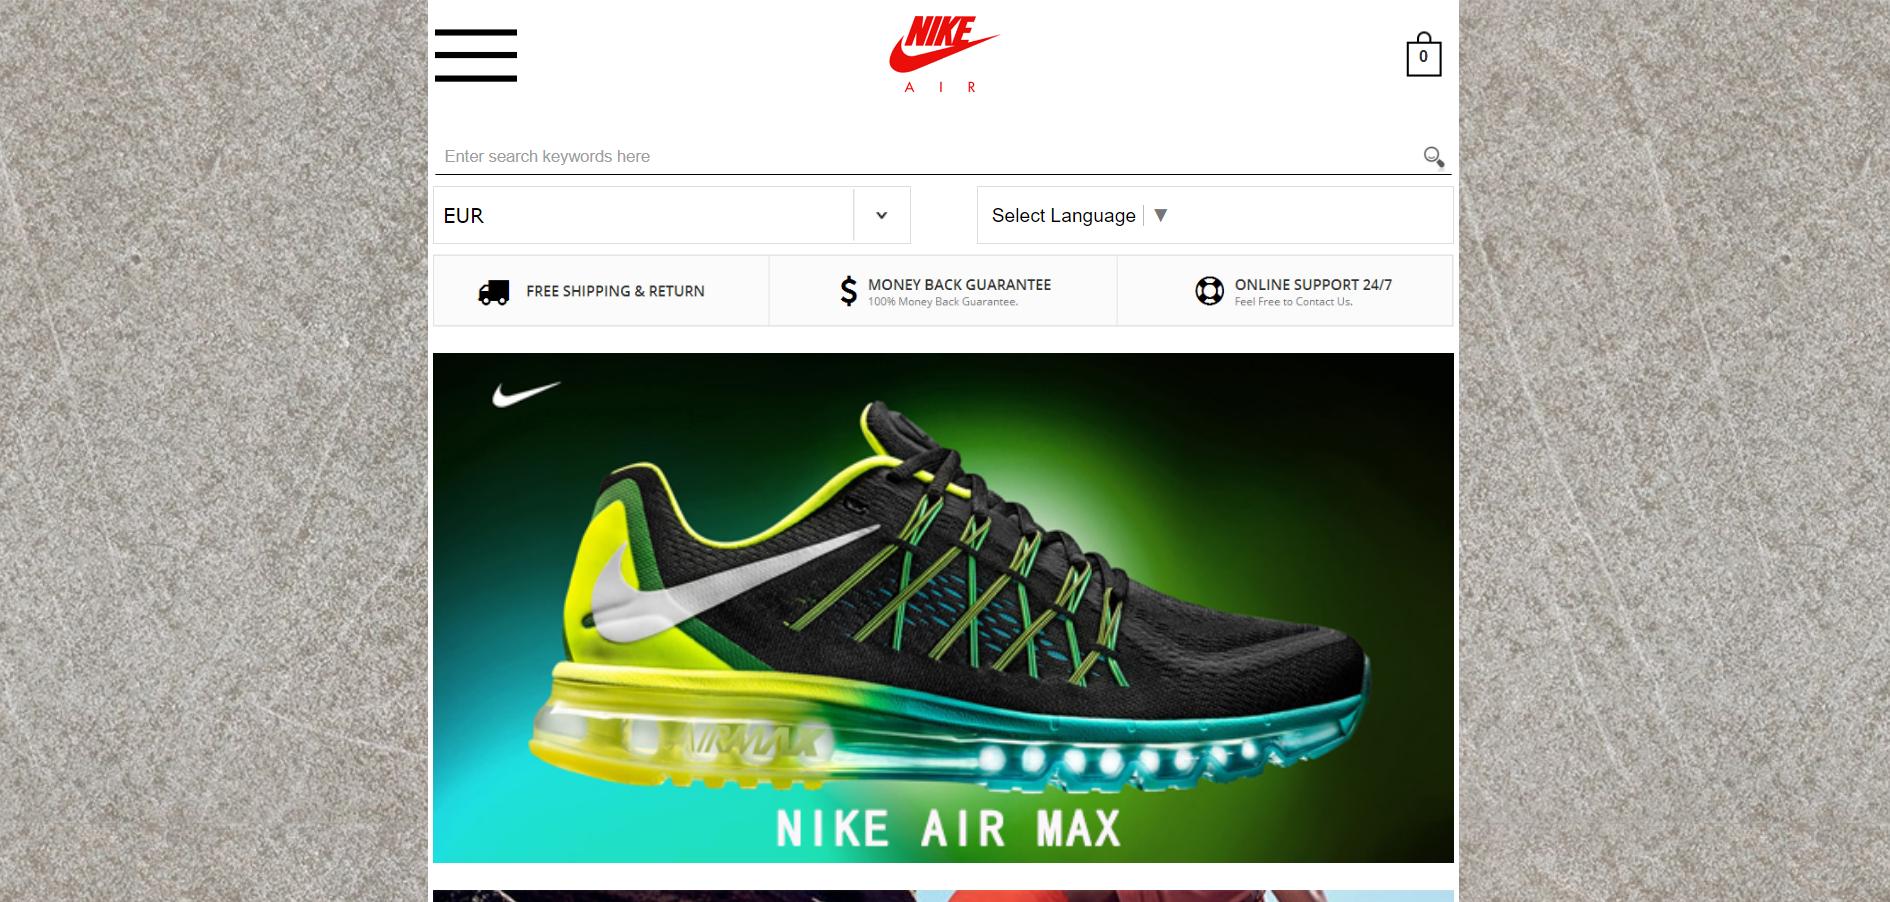 Nike Répète Se 2018 Arnaque Chaussures L'histoire Montre Facebook 6ygfbY7